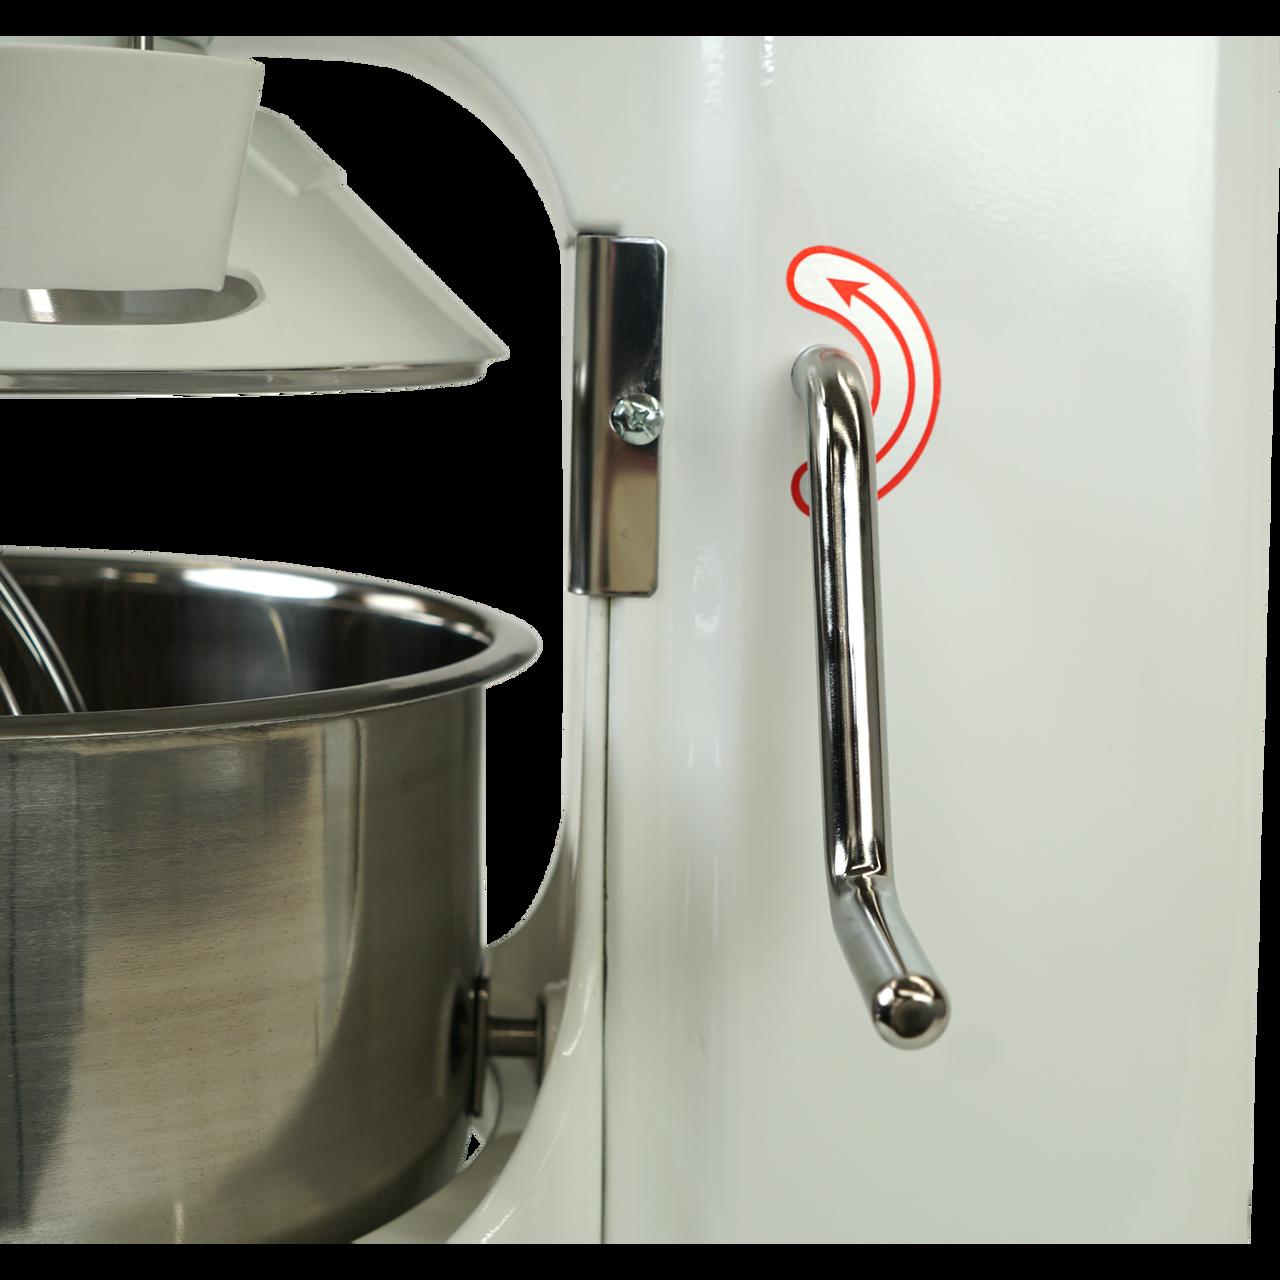 Lifting Bar, Bowl Lift Handle, AE-10DCA 10 Quart Countertop Planetary Mixer, Commercial Mixer